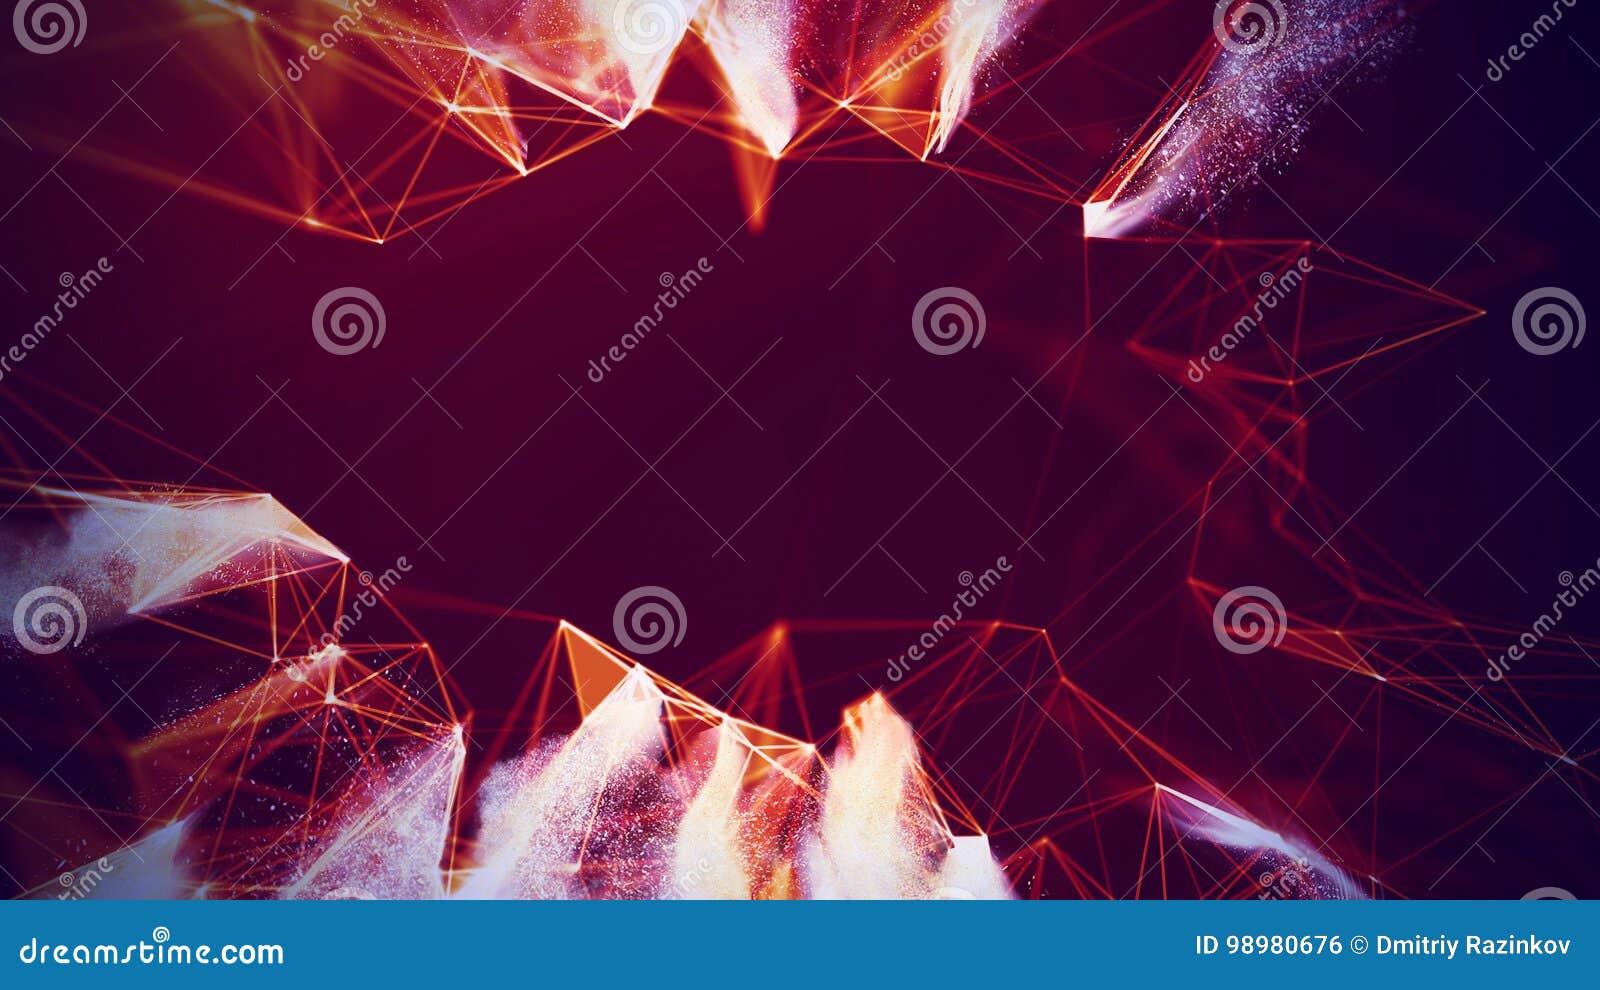 抽象红色几何背景 连接结构 科学背景 未来派技术HUD元素